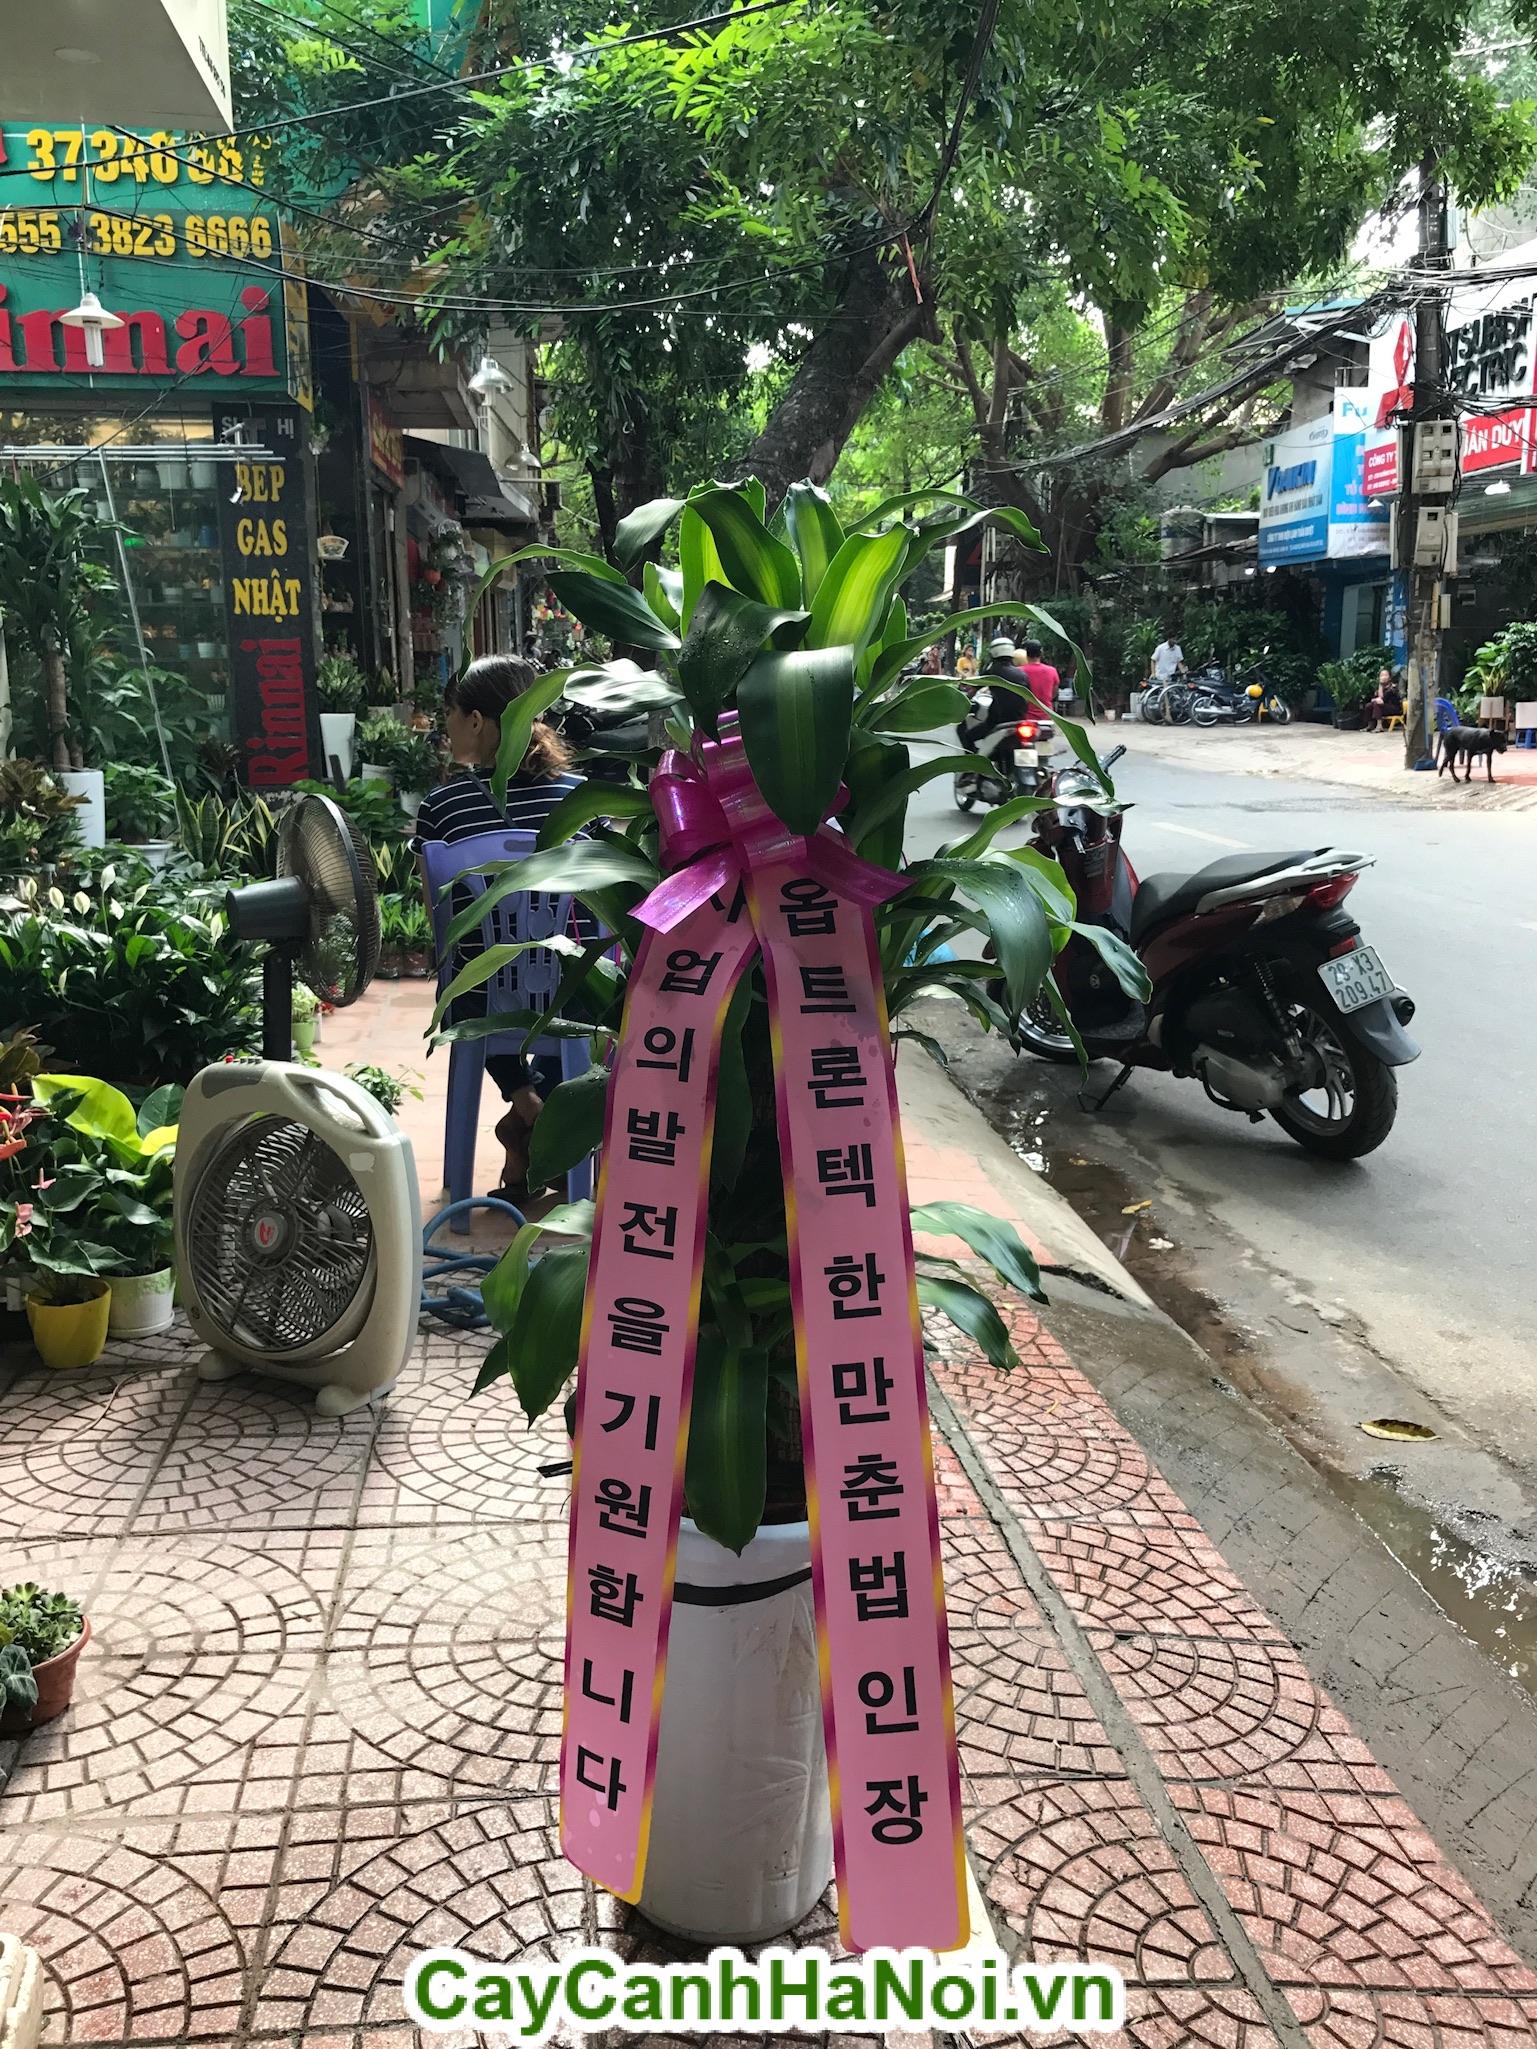 Cho thuê cây cảnh uy tín tại Hà Nội